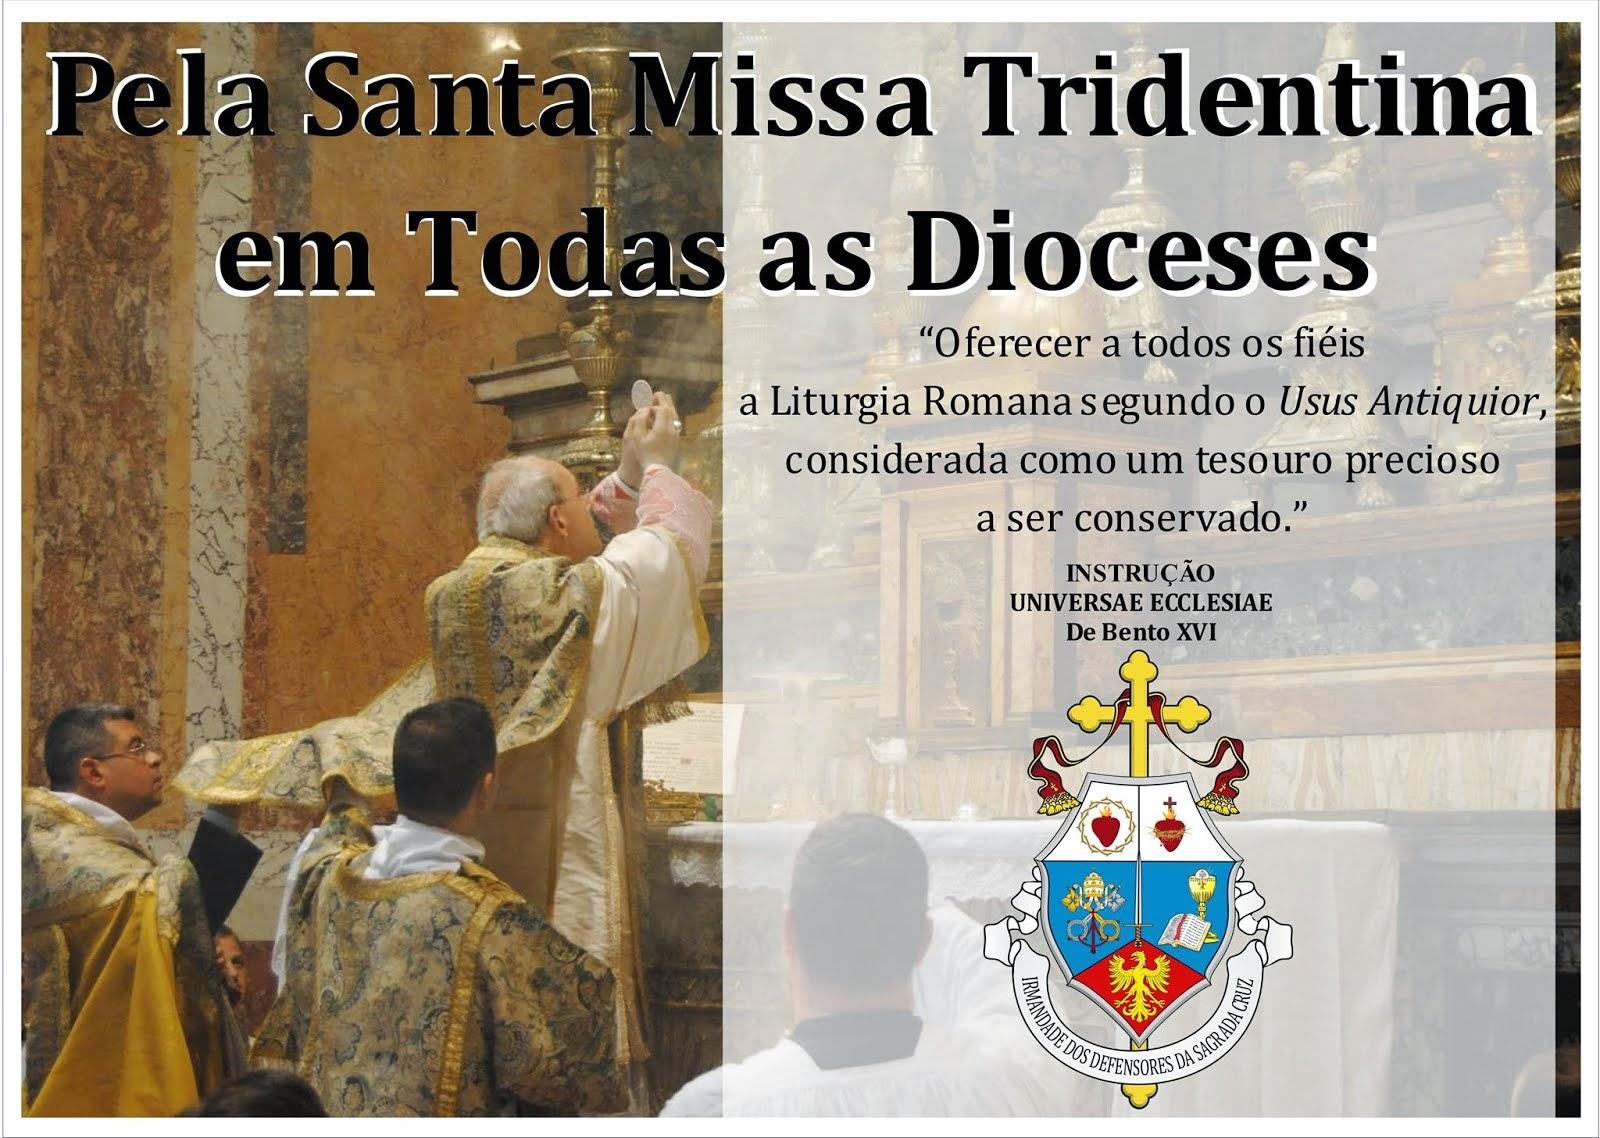 Santa Missa Tridentina no Brasil